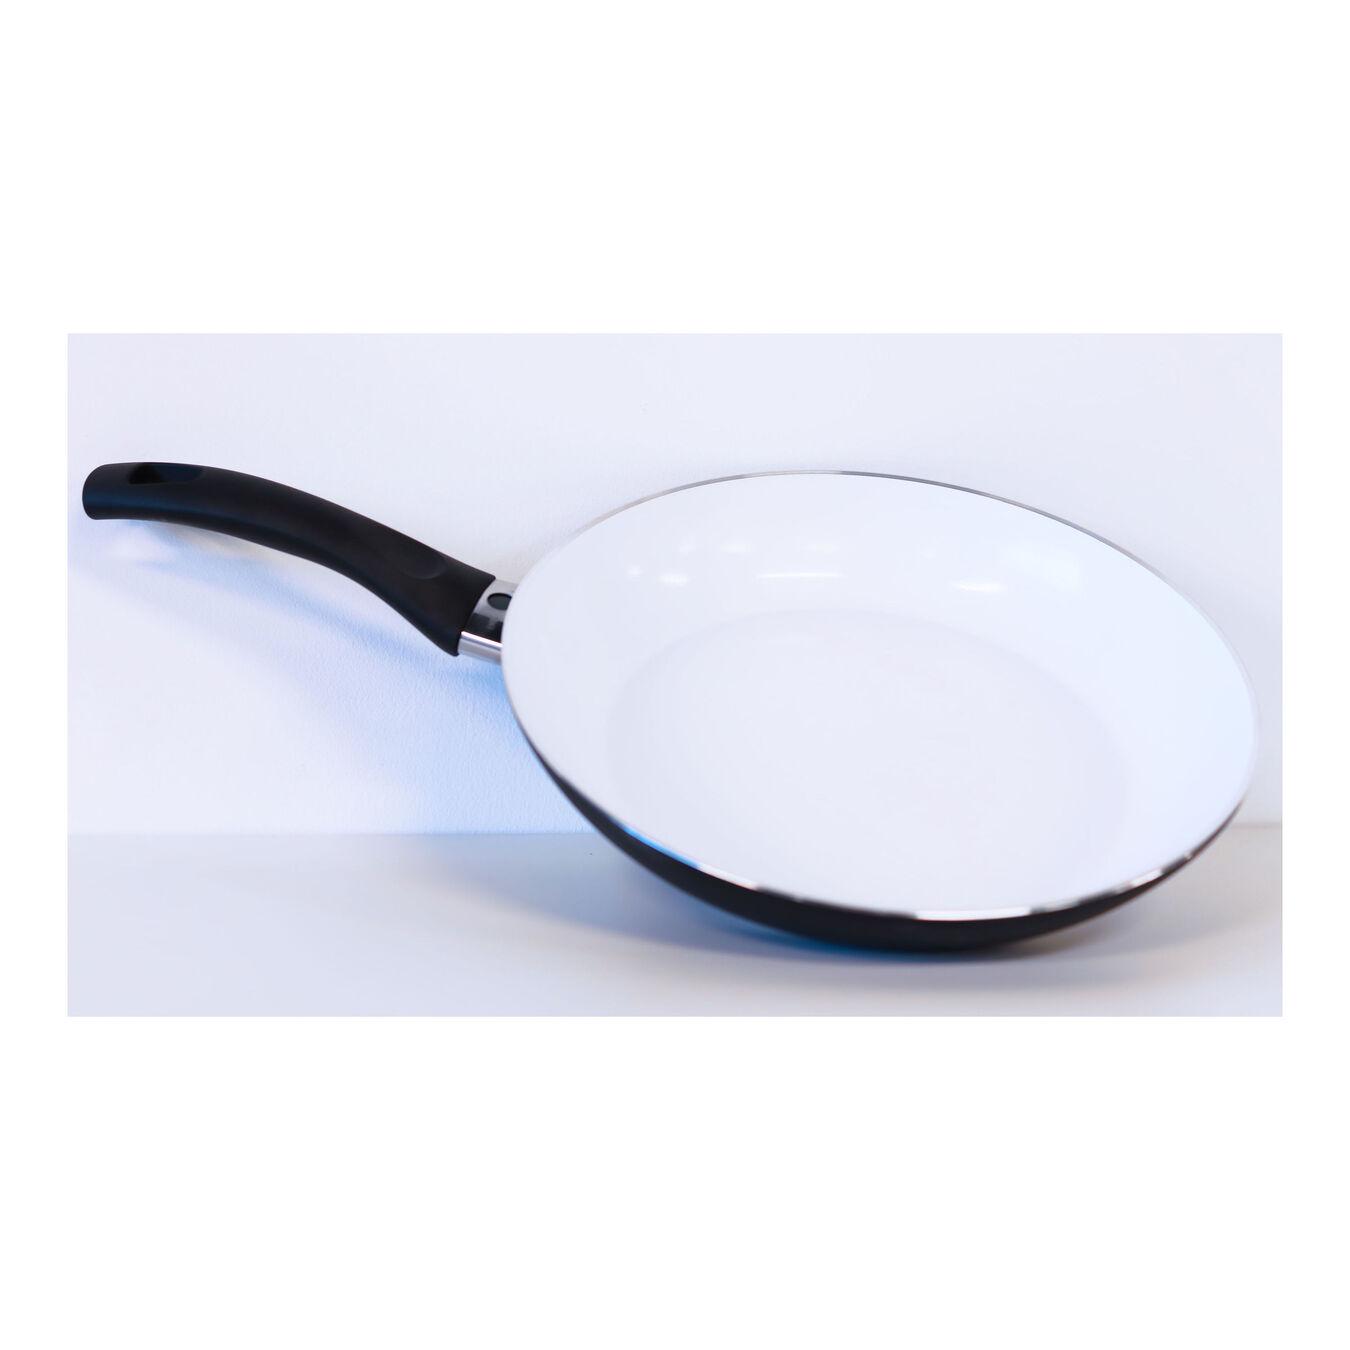 Frying pan,,large 1